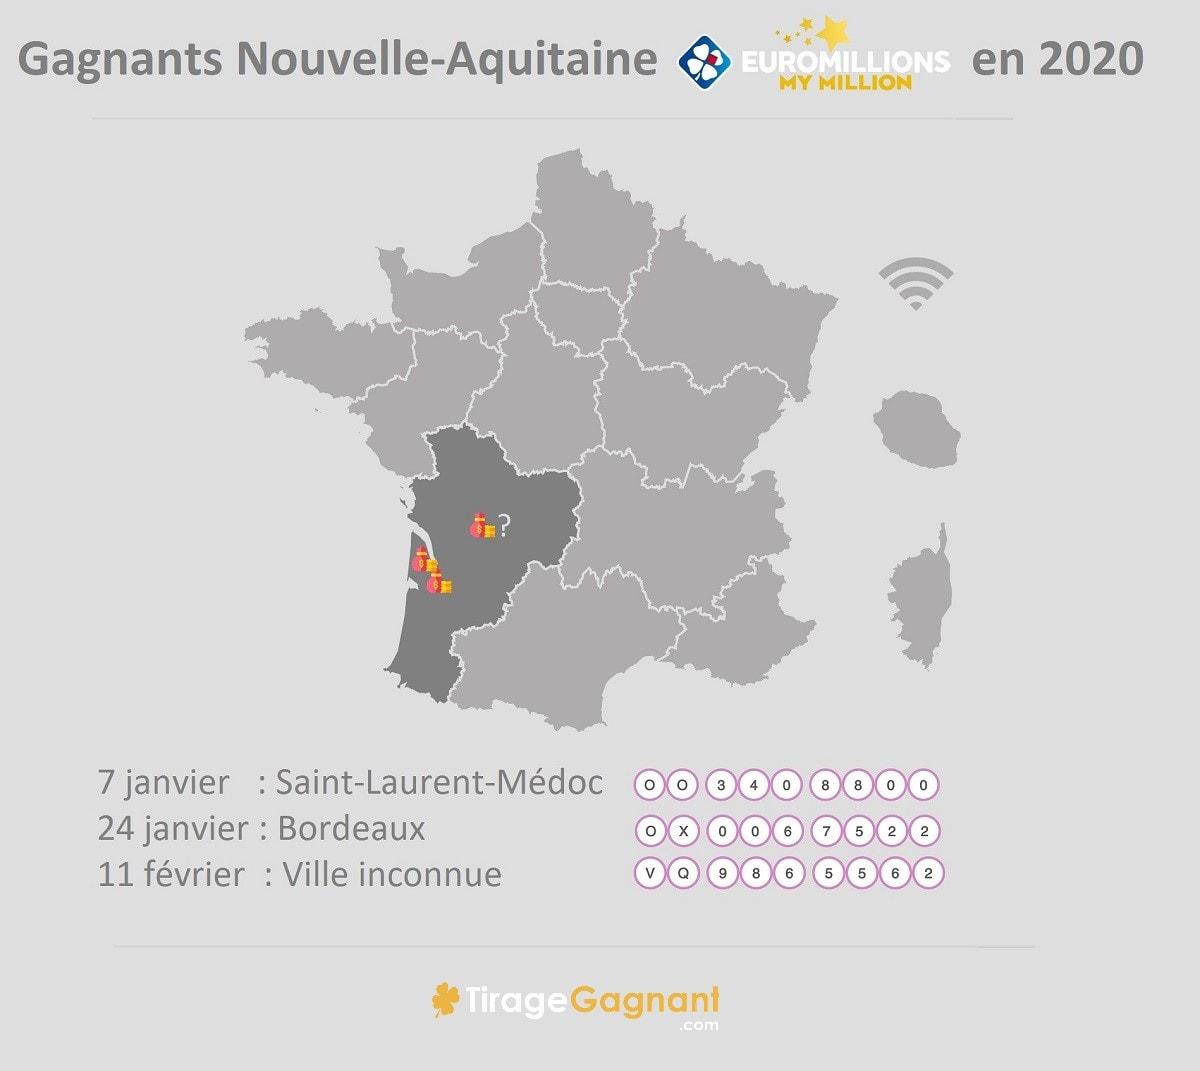 Gagnants Nouvelle Aquitaine 2020